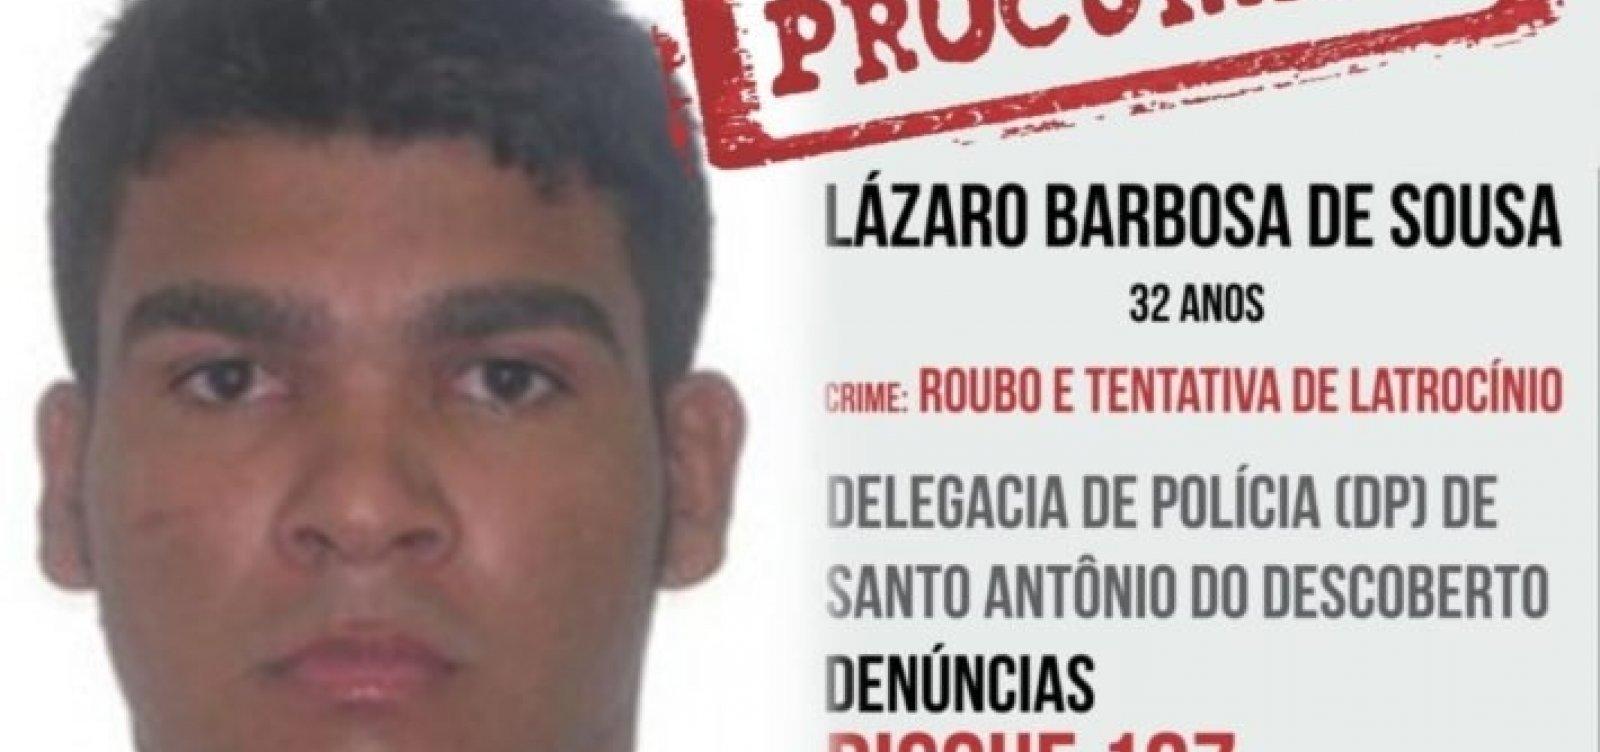 Secretário de Segurança de Goiás promete prender o 'maníaco' Lázaro nesta quarta-feira